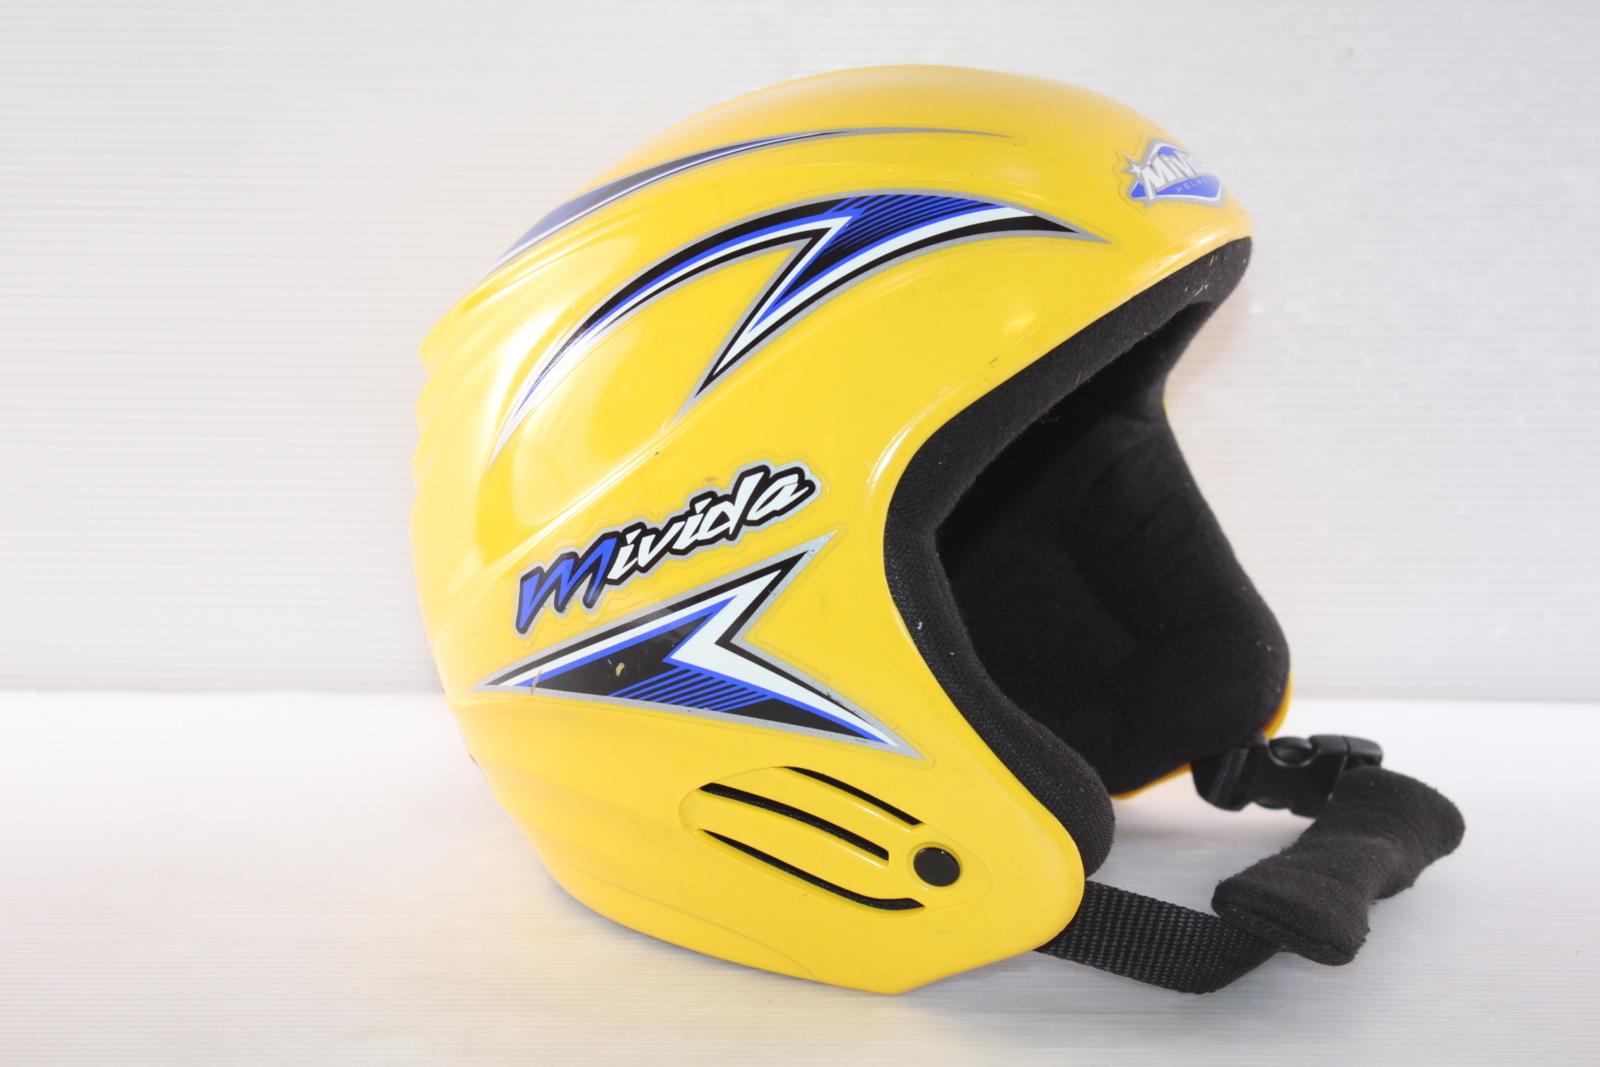 Dětská lyžařská helma Mivida Mivida - posuvná vel. 52 - 56